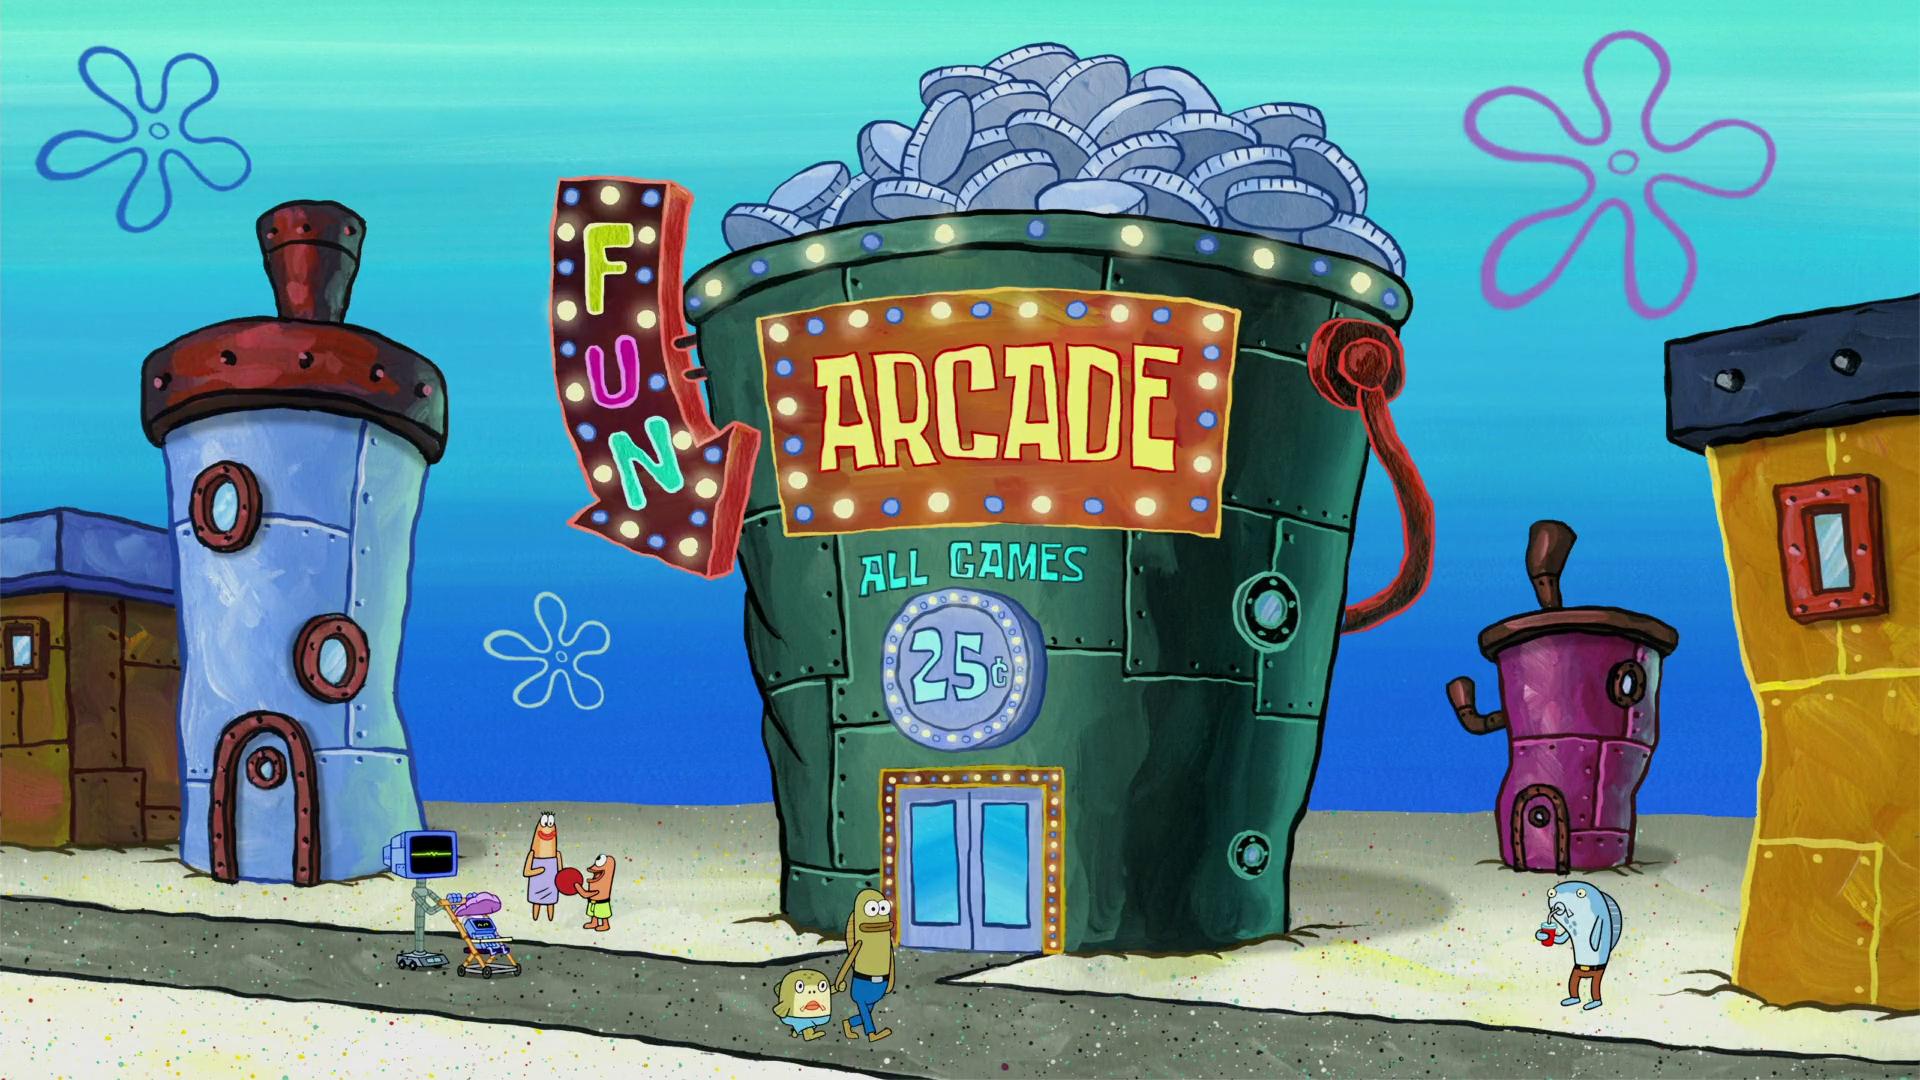 Fun Arcade